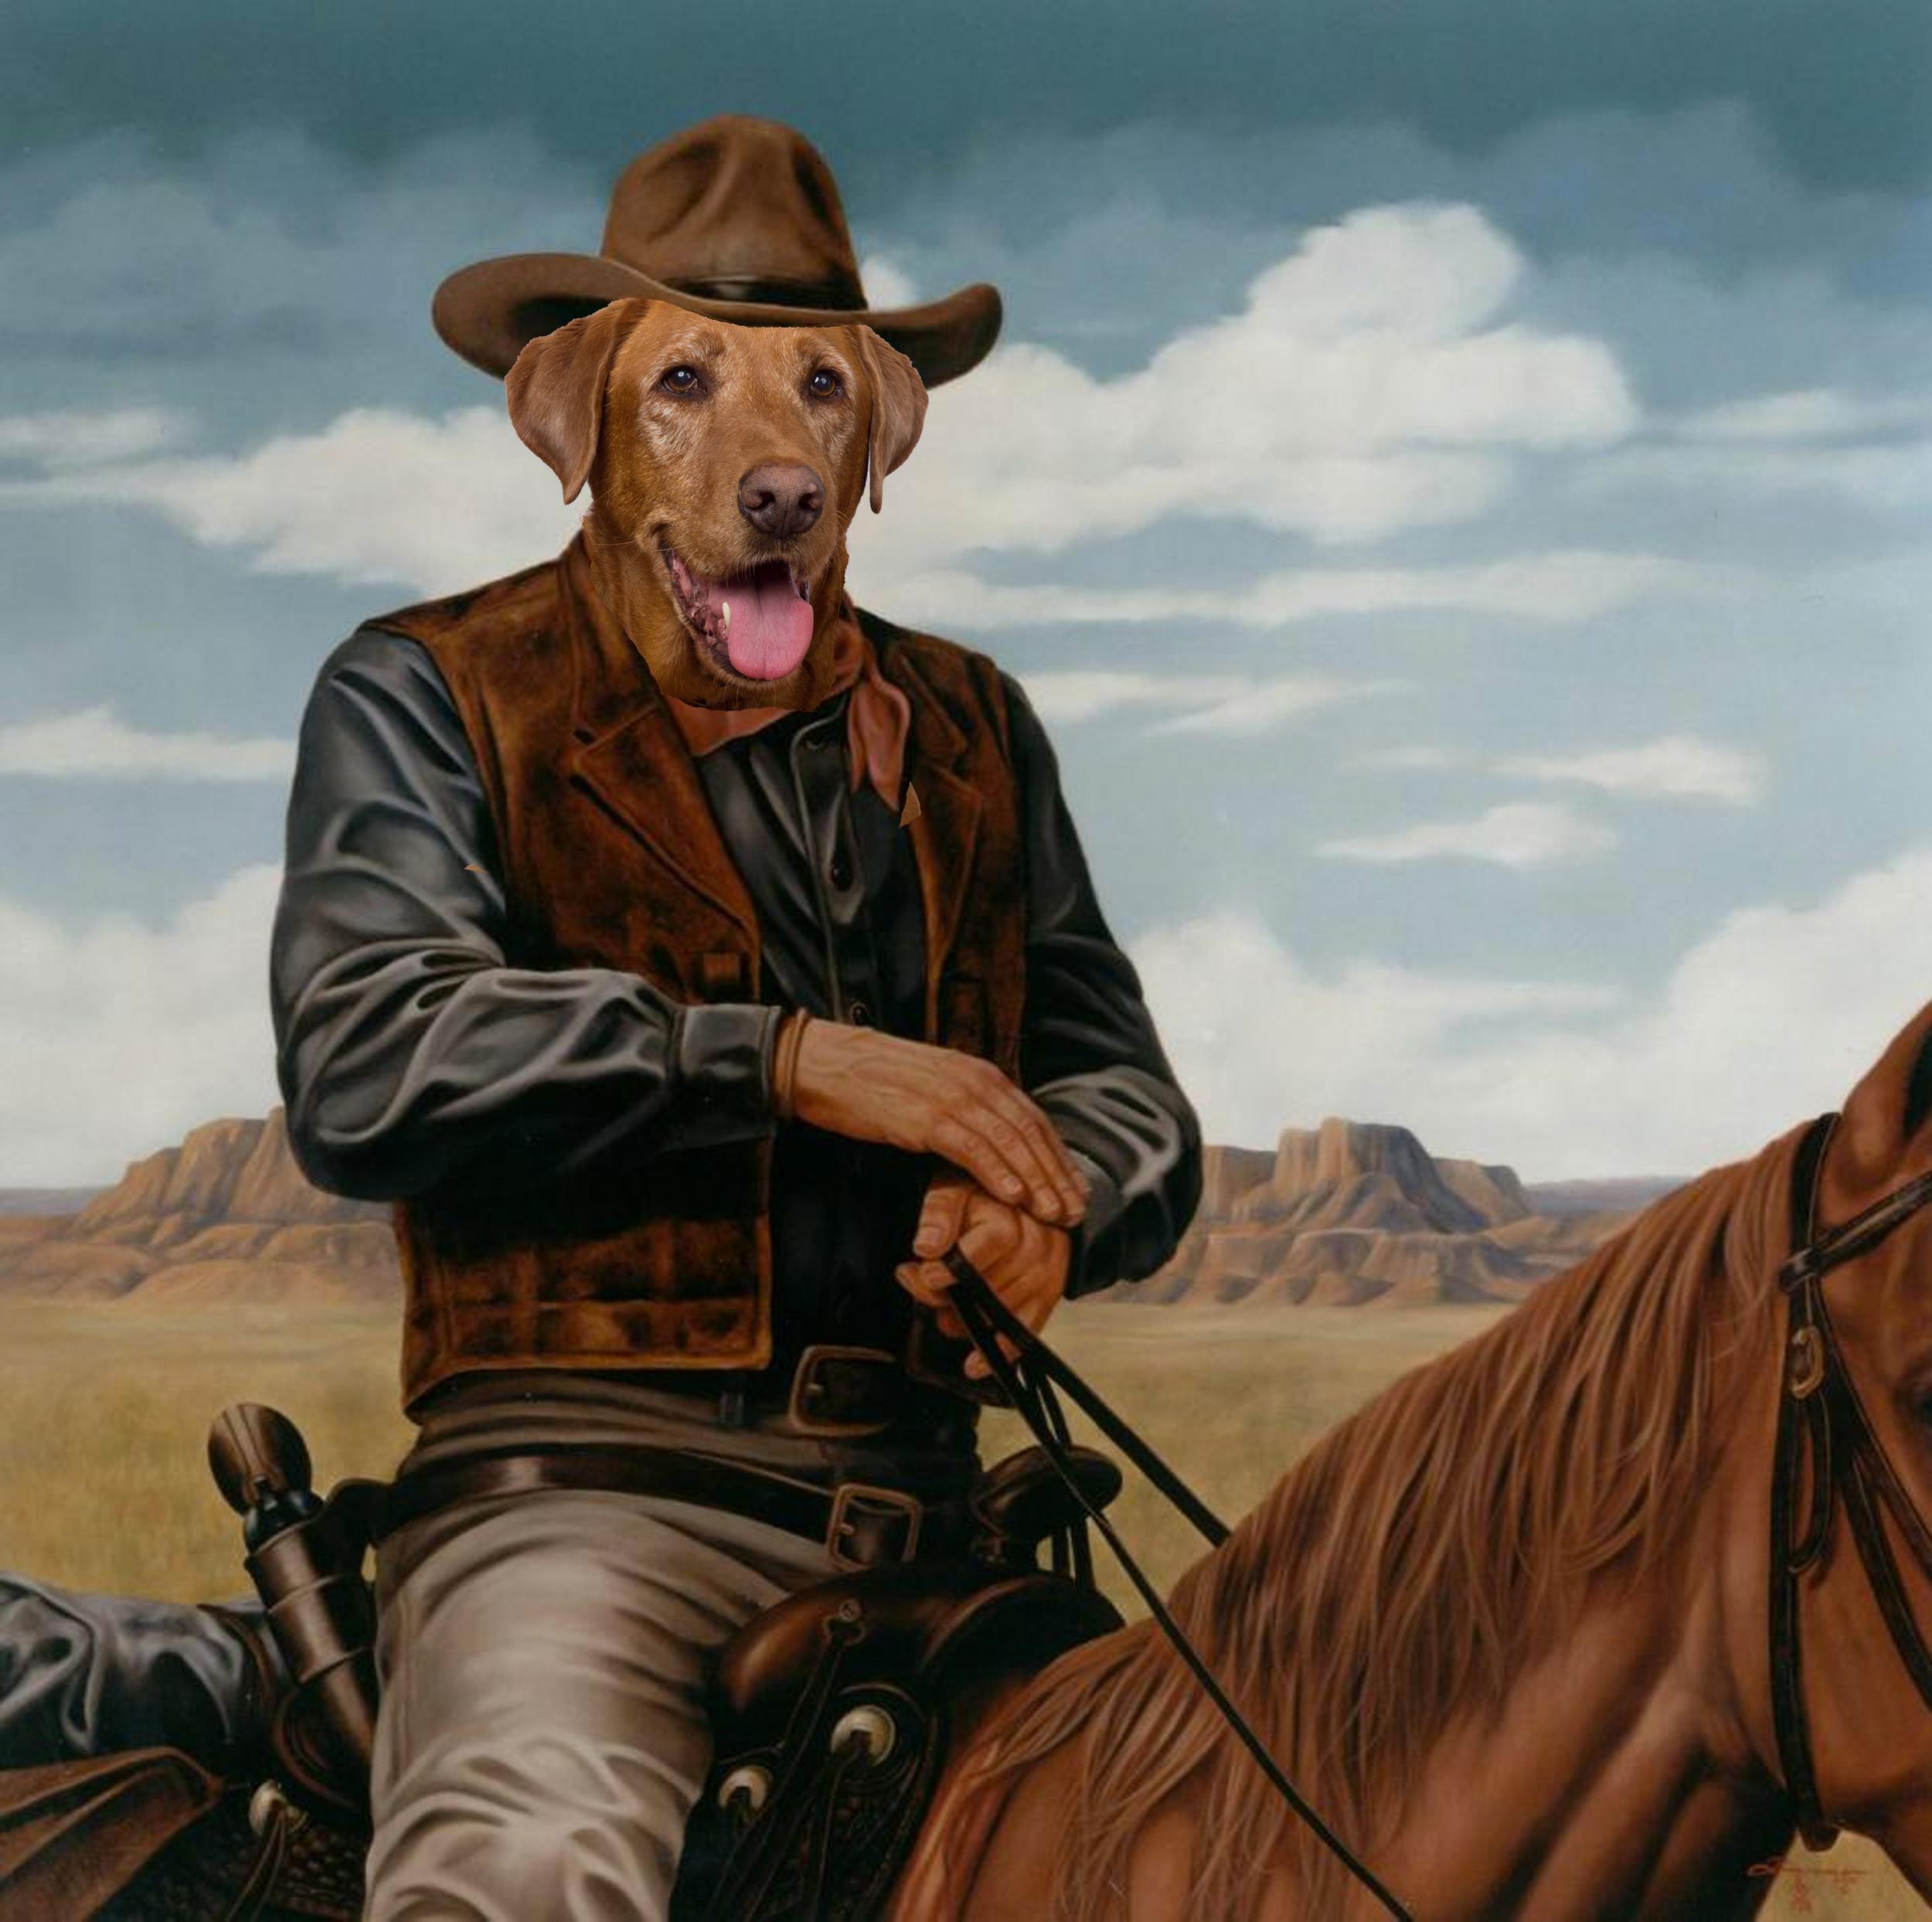 Cooper the Labrador as John Wayne